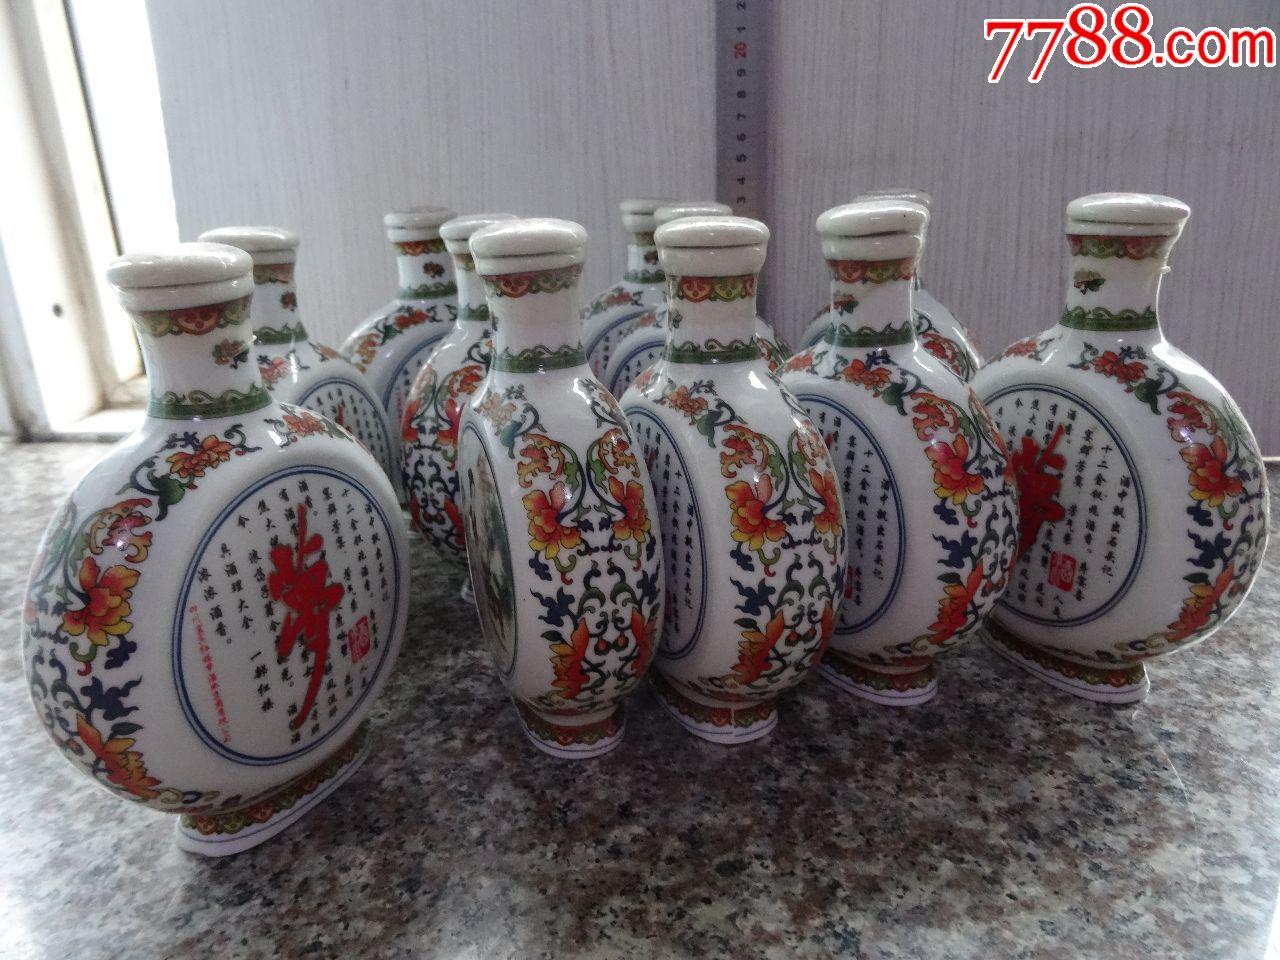 11瓶老酒合售(每瓶容量100ml红楼梦十二金钗酒版稀少型品种)_价格998.